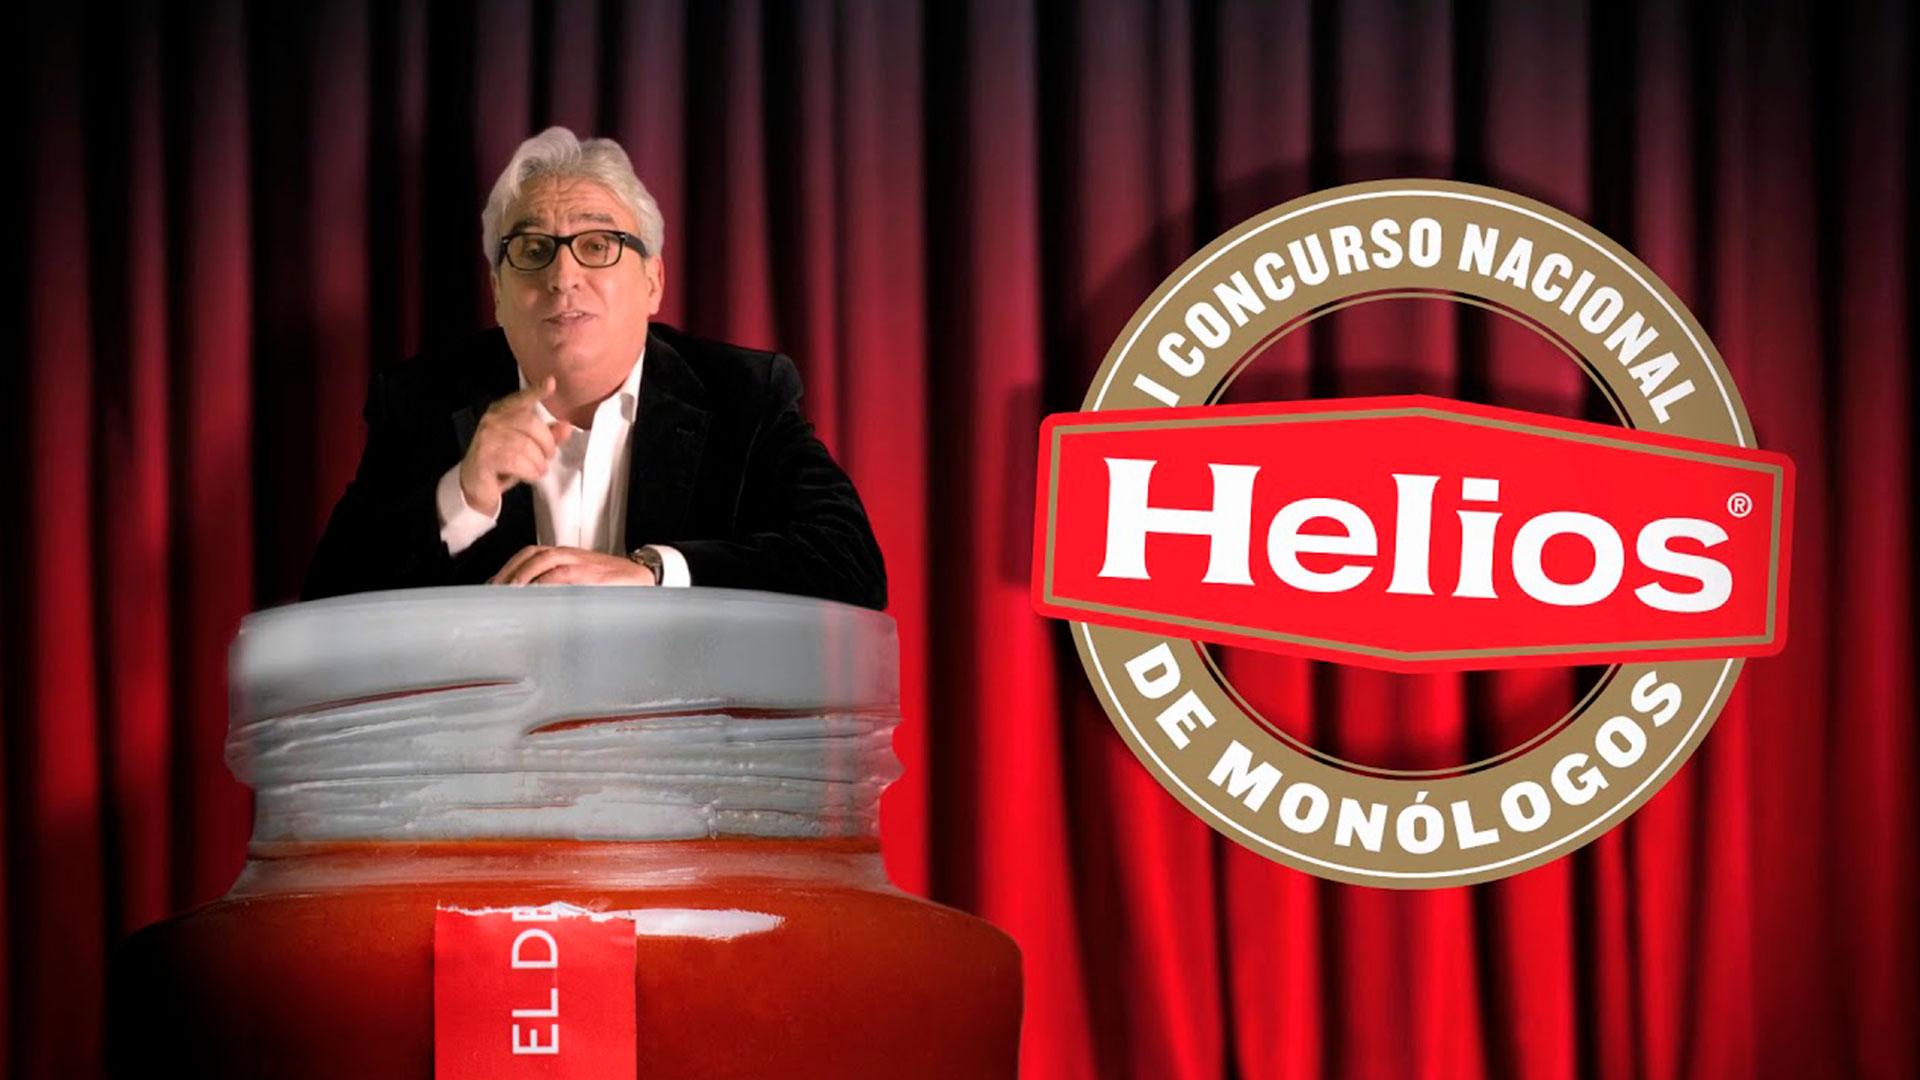 Leo Harlem para Helios